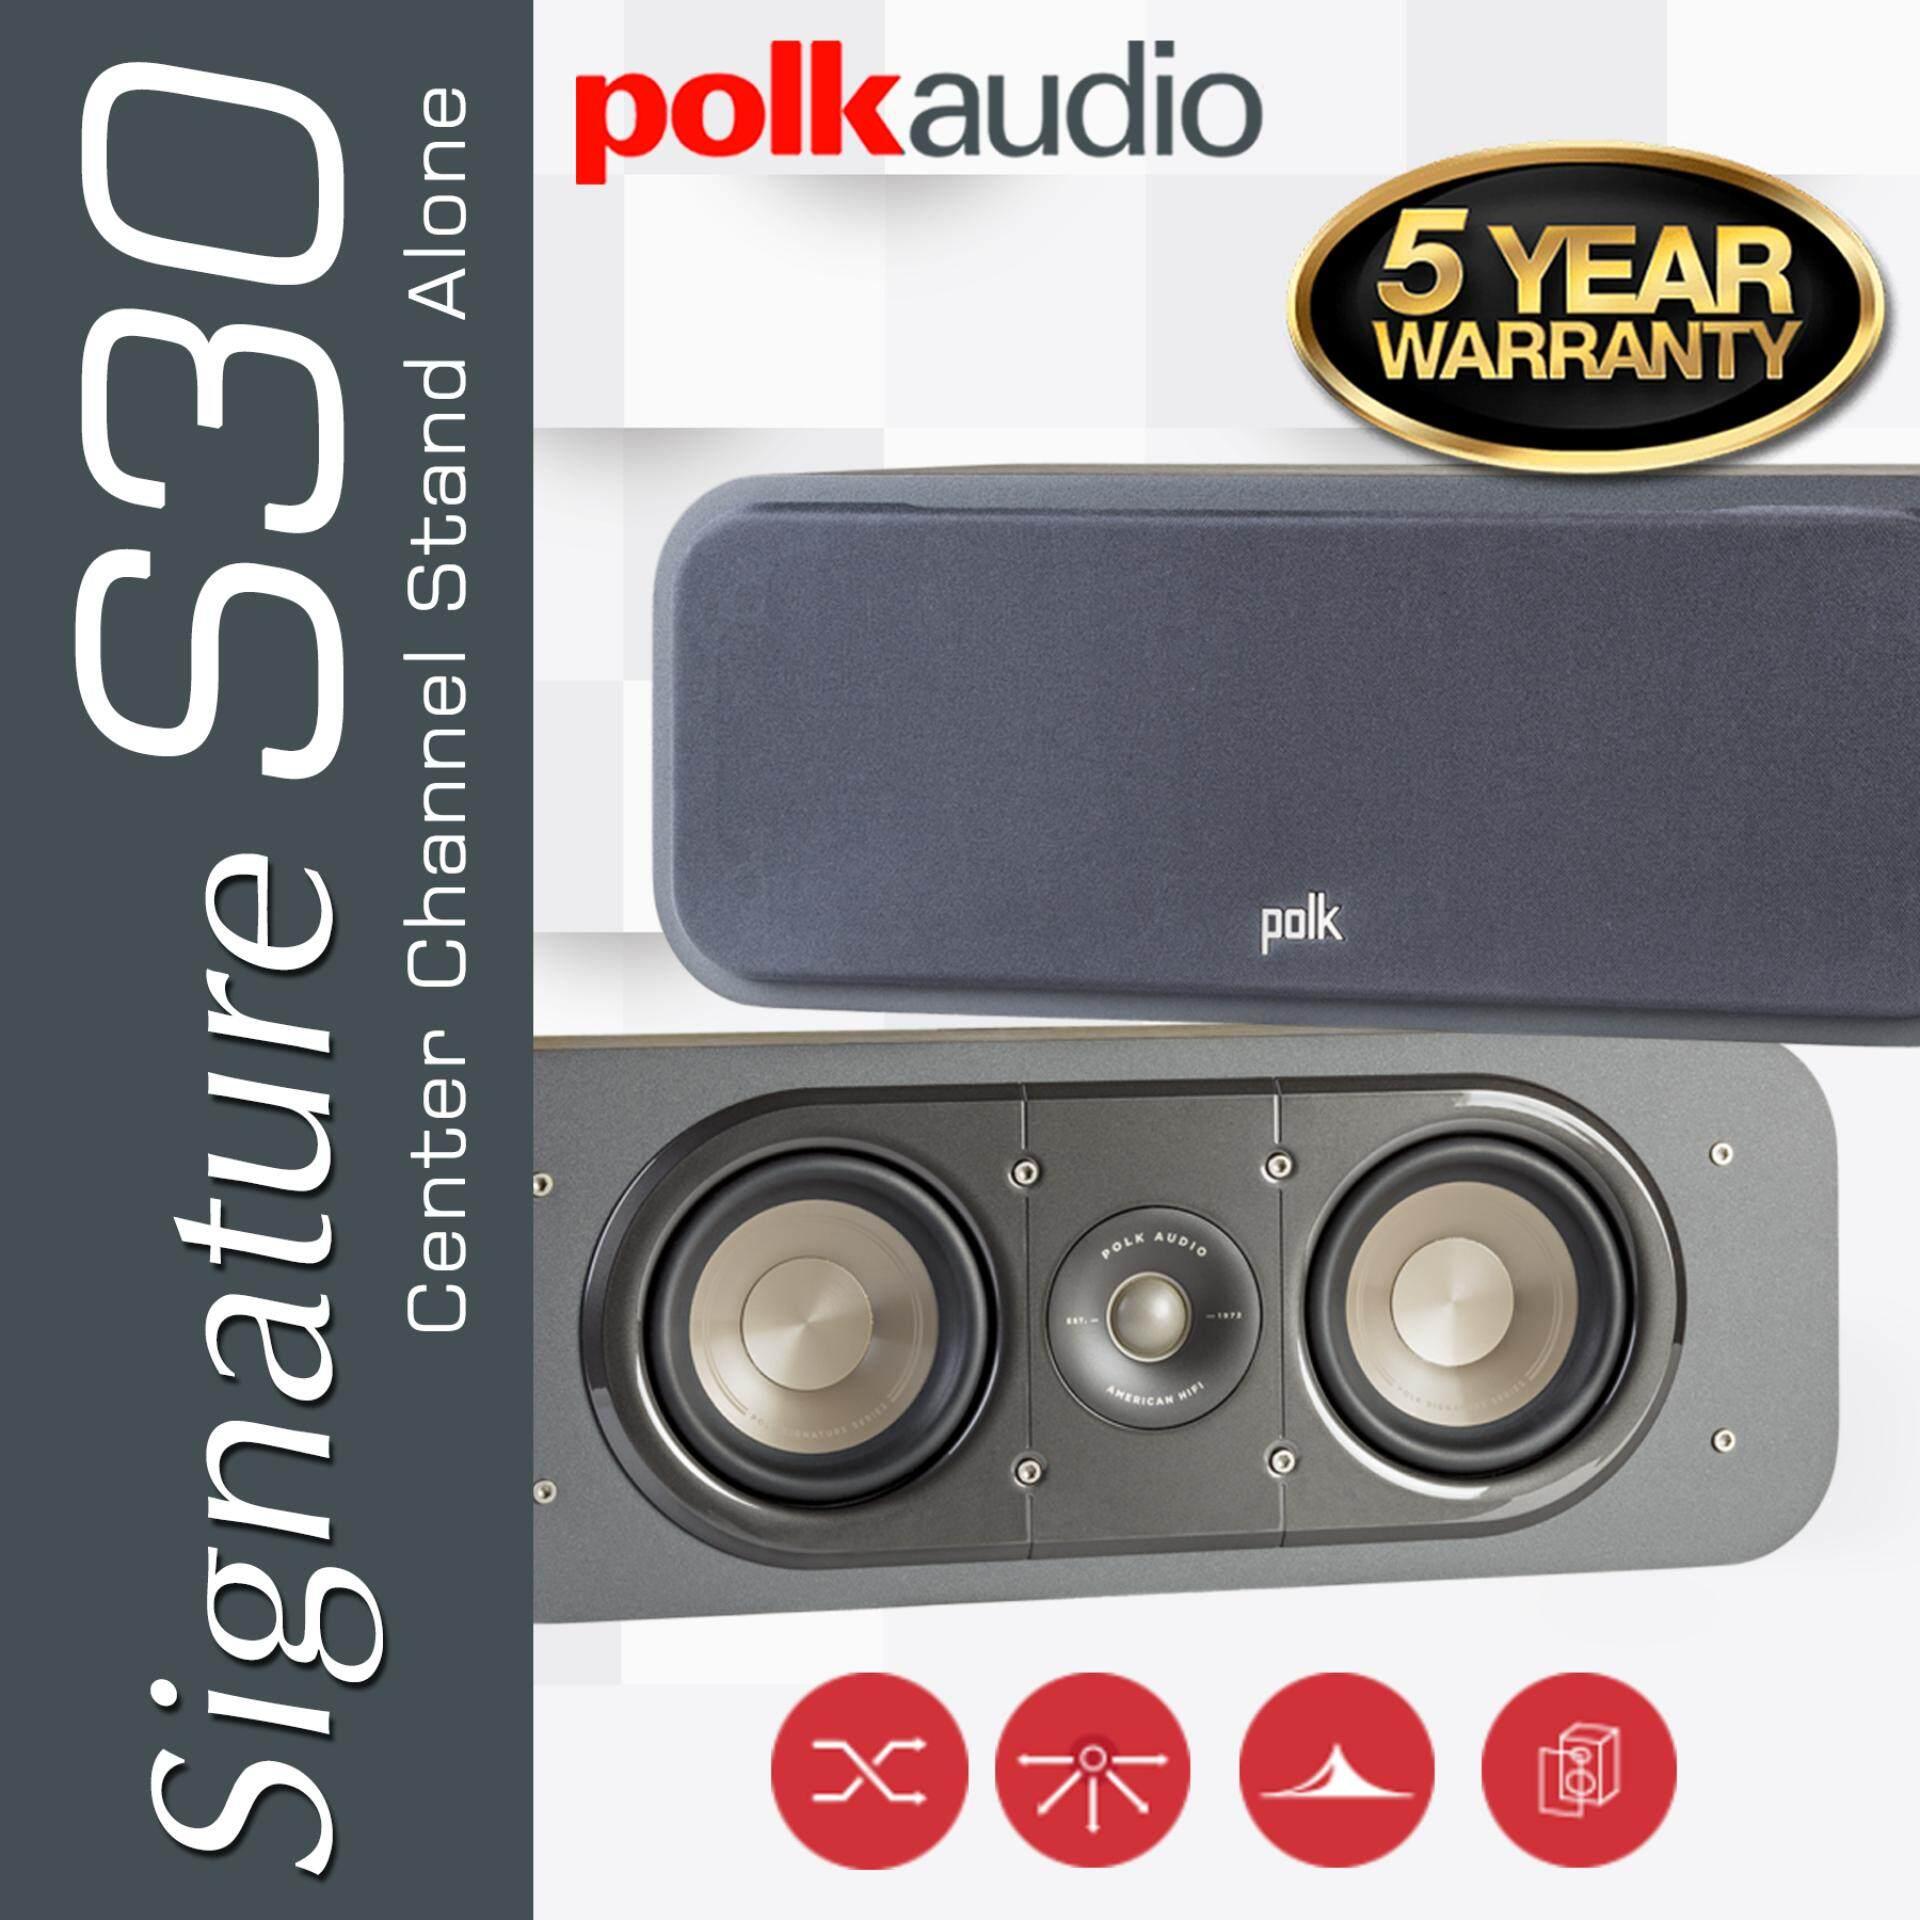 การใช้งาน  เพชรบูรณ์ Polk Audio รุ่น Signature S30 American HiFi Home Theater สี Brown Walnut รับประกัน 5ปี ศูนย์ POWER BUY จากผู้นำเข้าอย่างเป็นทางการ